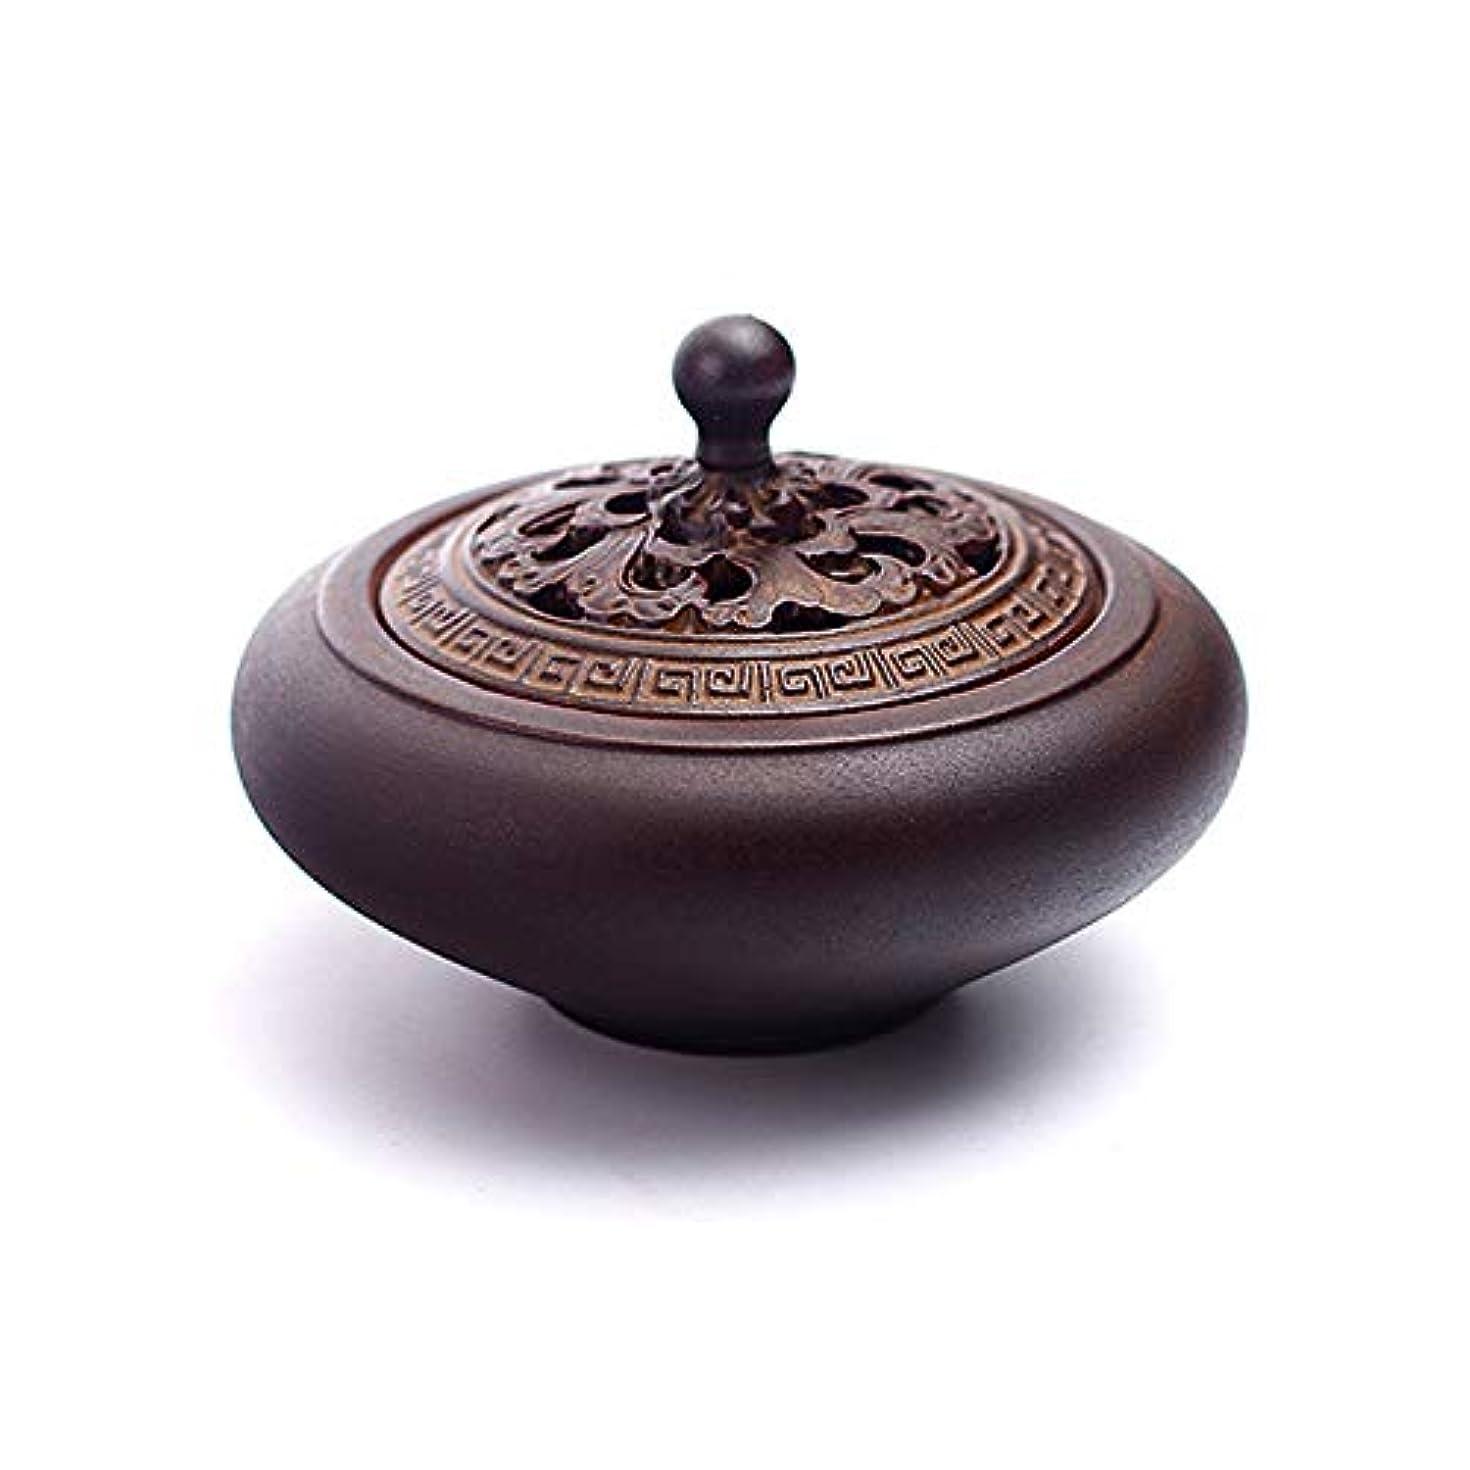 金属販売計画雇うHAMILO 蓋付香炉 陶器 中国風 古典 アロマ 癒し 香道 お香 コーン 抹香 手作り 木製台付 (ブラウン)